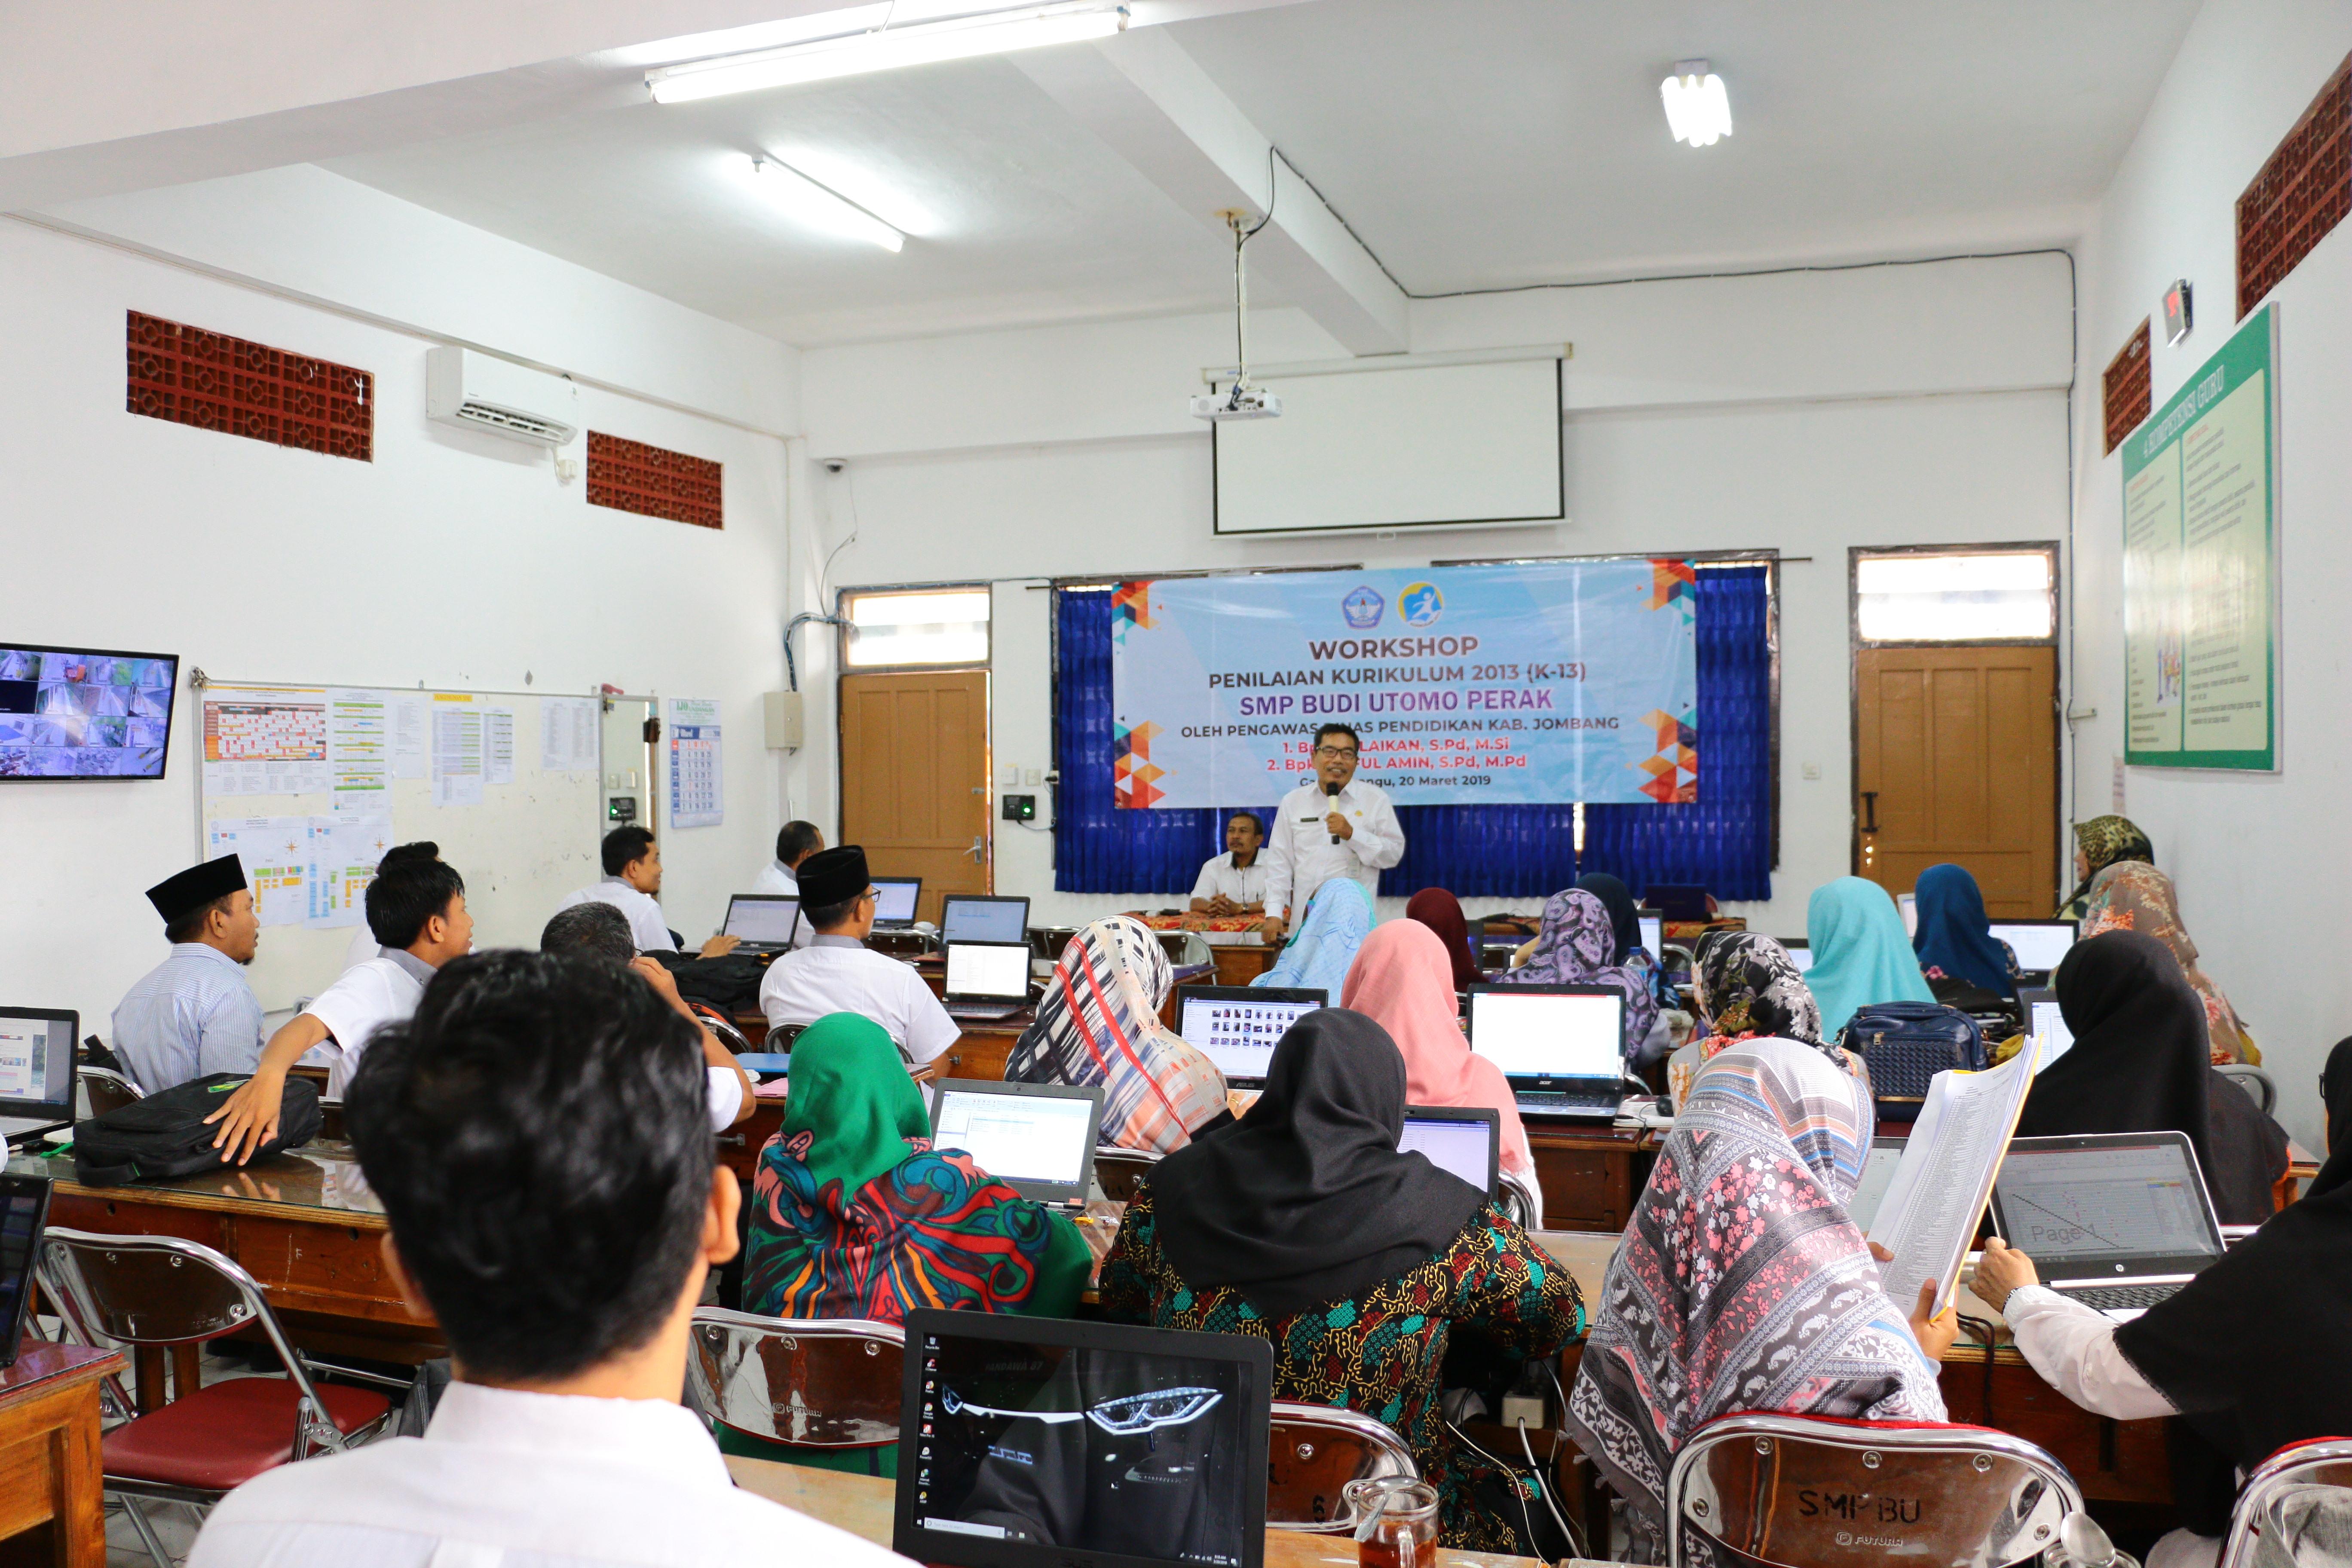 Workshop Penilaian Kurikulum Nasional Bagi Guru-guru SMP Budi Utomo Perak